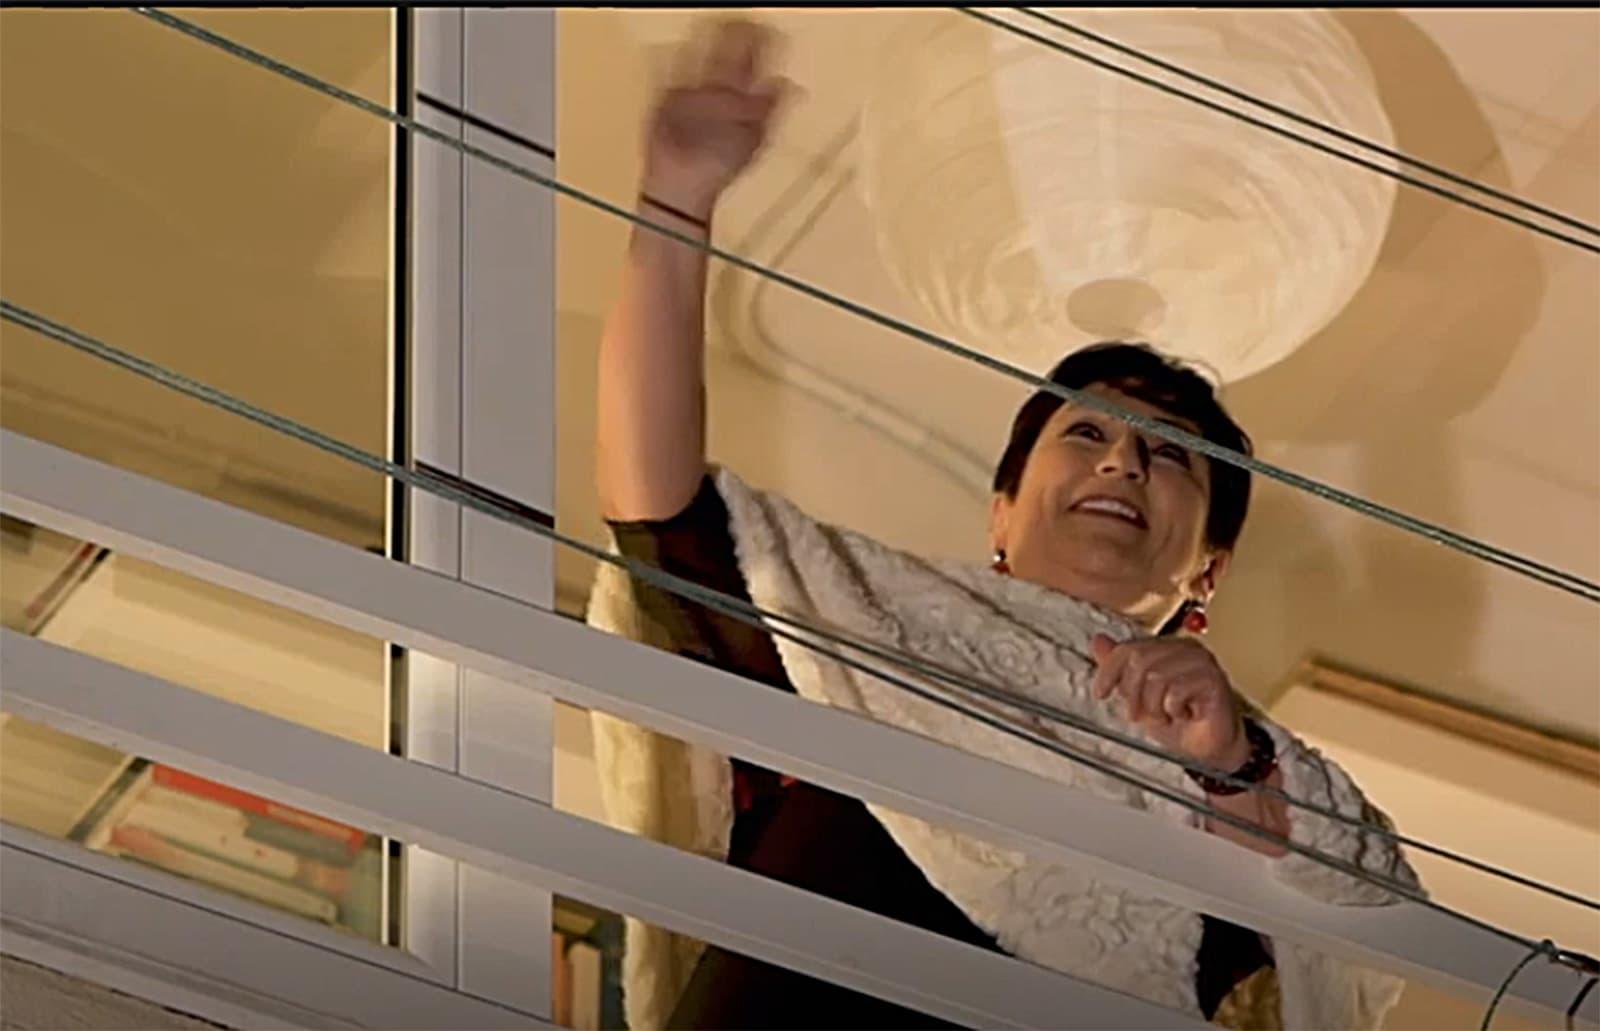 La soprano Begoña Alberdi cantant des del balcó de casa seva. Imatge extreta d'un vídeo de TV3